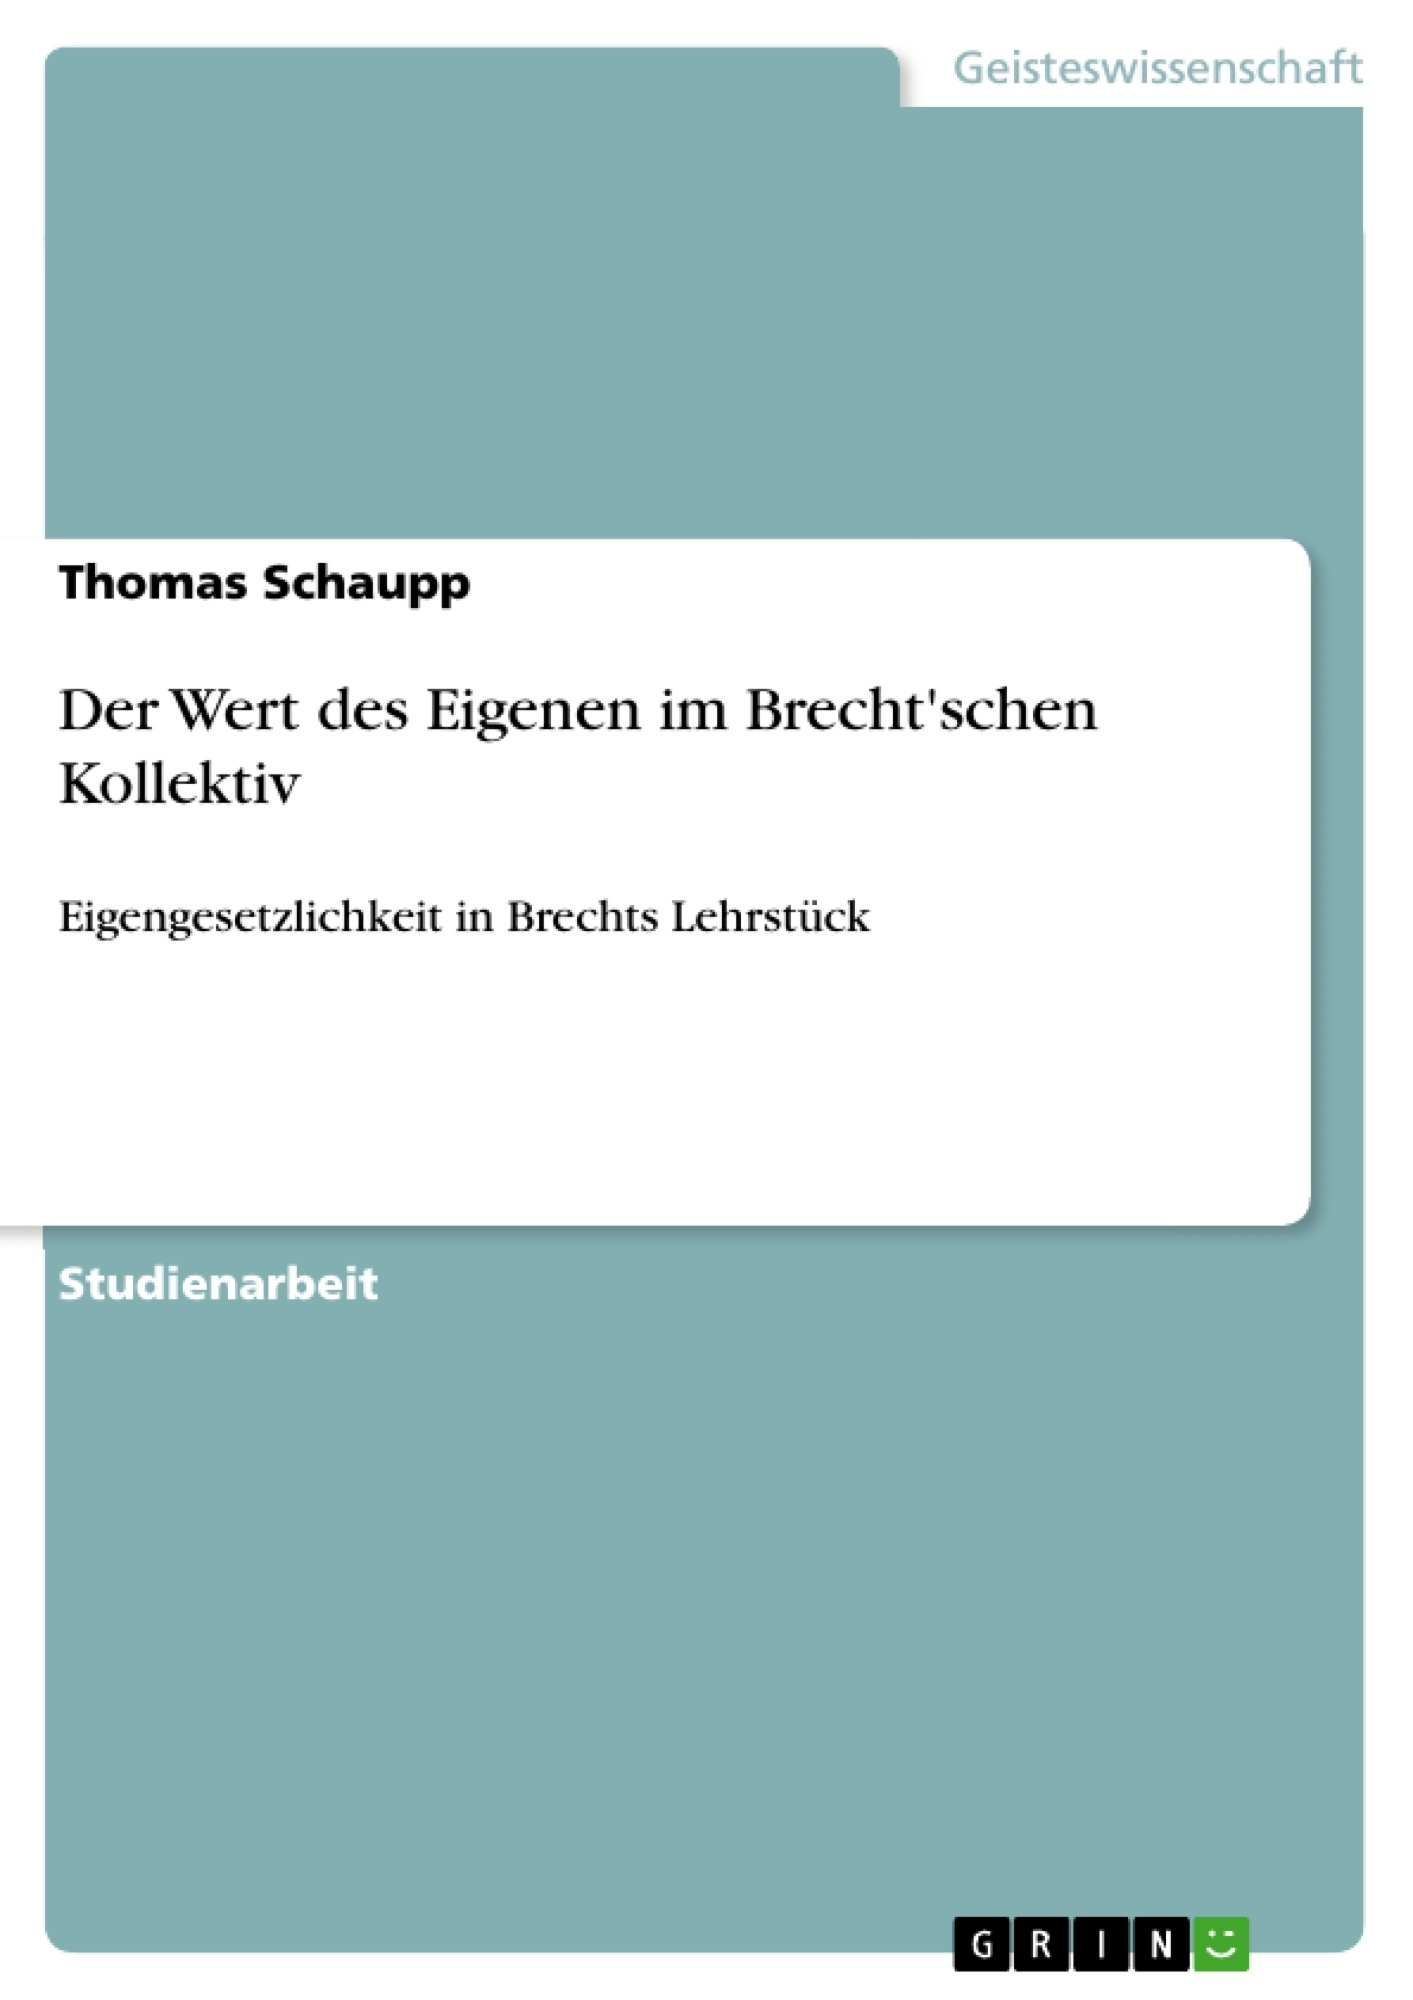 Titel: Der Wert des Eigenen im Brecht'schen Kollektiv